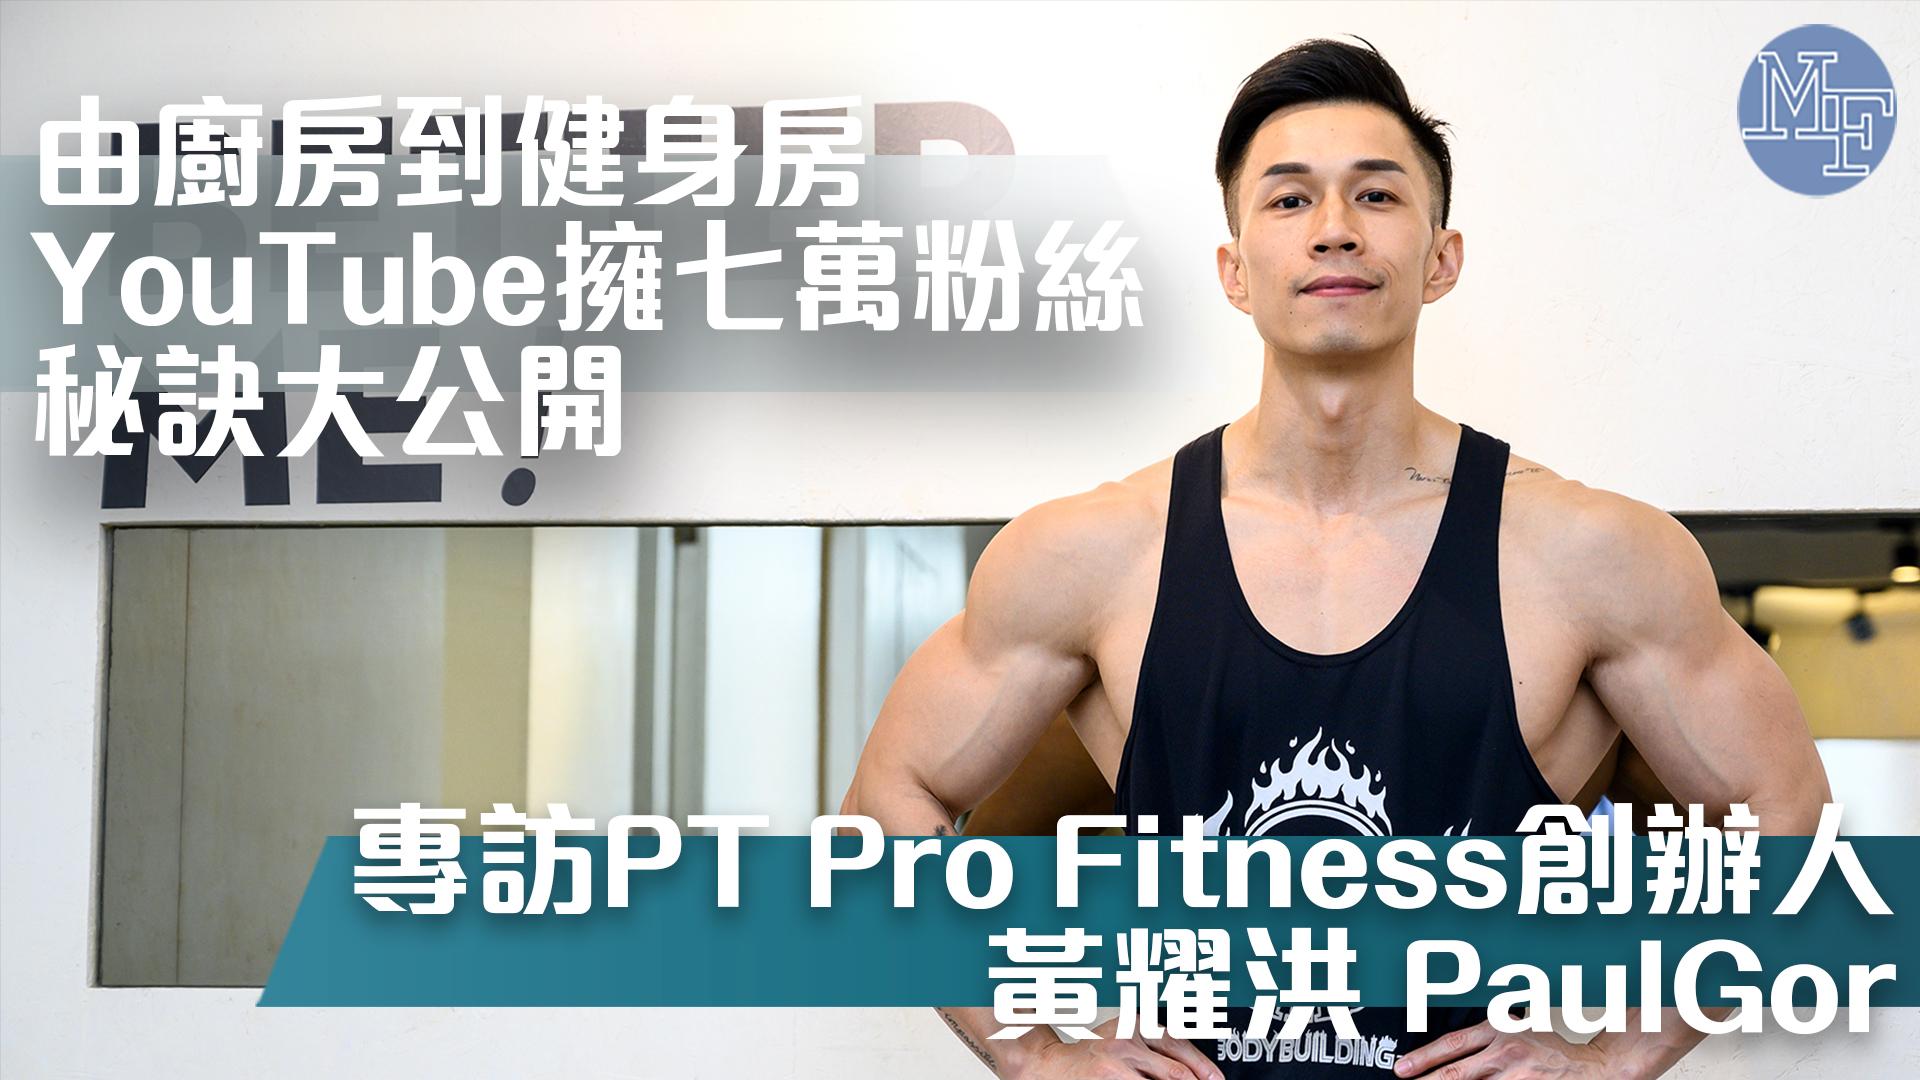 【健身KOL】由廚房到健身房 YouTube擁七萬粉絲秘訣大公開 - 專訪PT Pro Fitness創辦人 黃耀洪 PaulGor